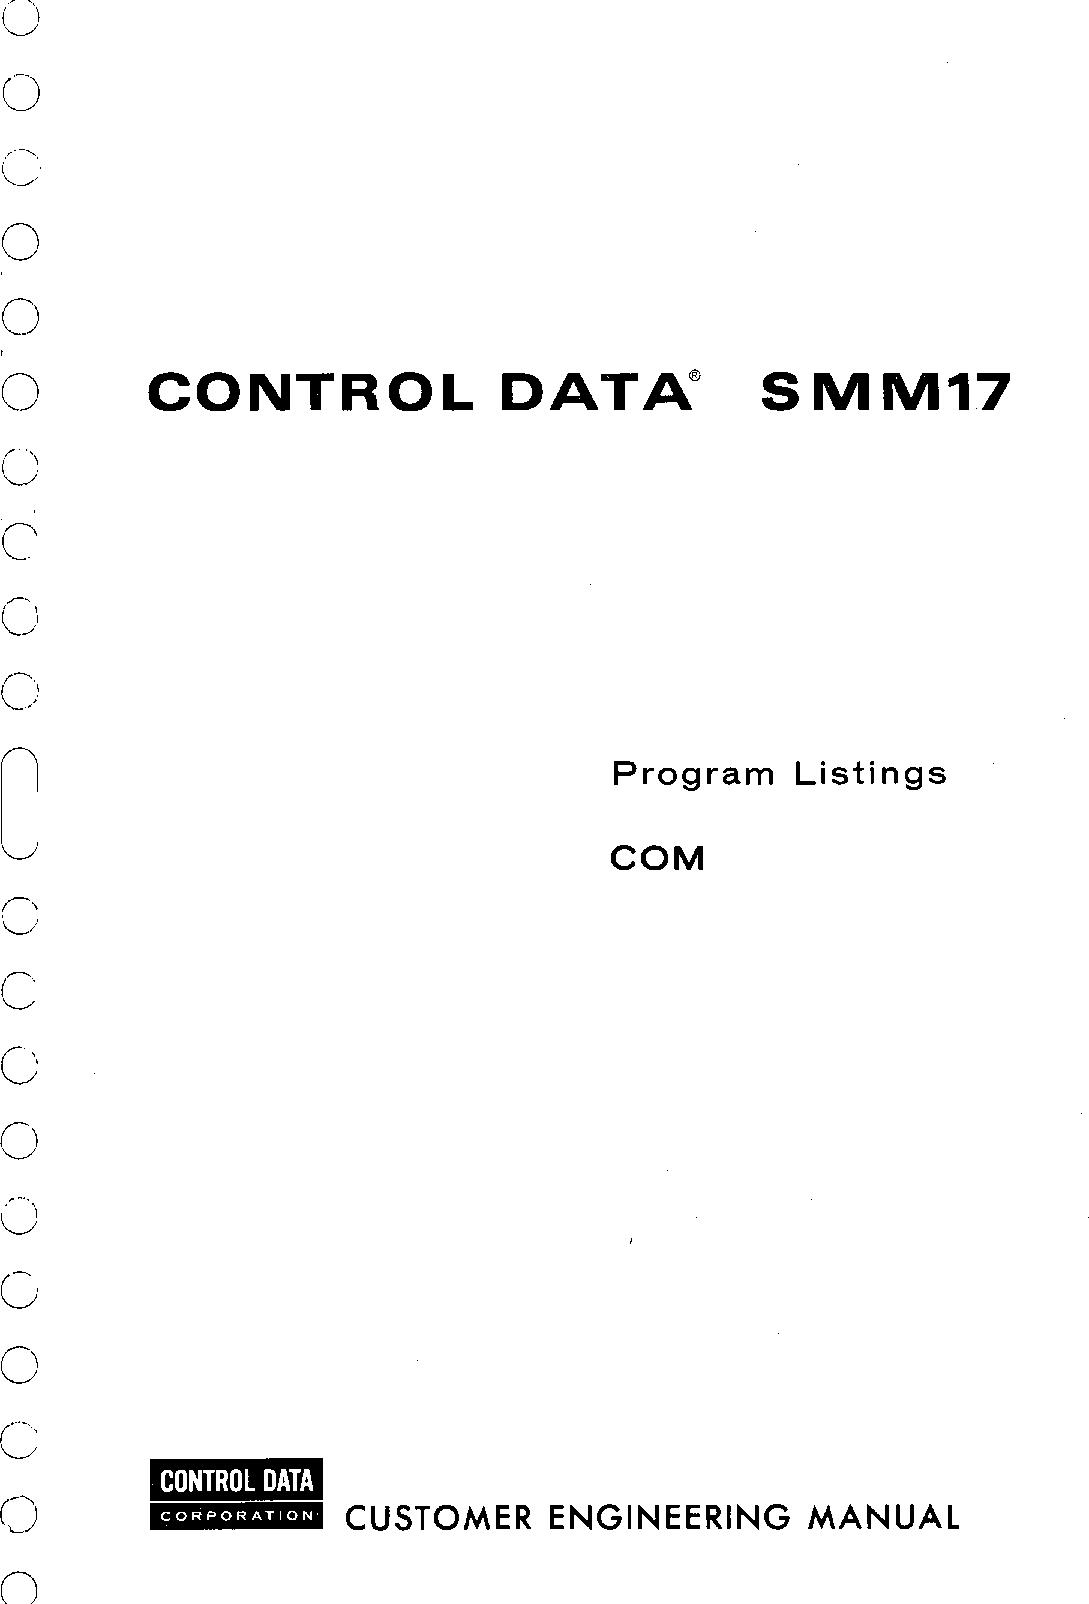 60220200E_SMM17_Program_Listings_COM_Feb75 60220200E SMM17